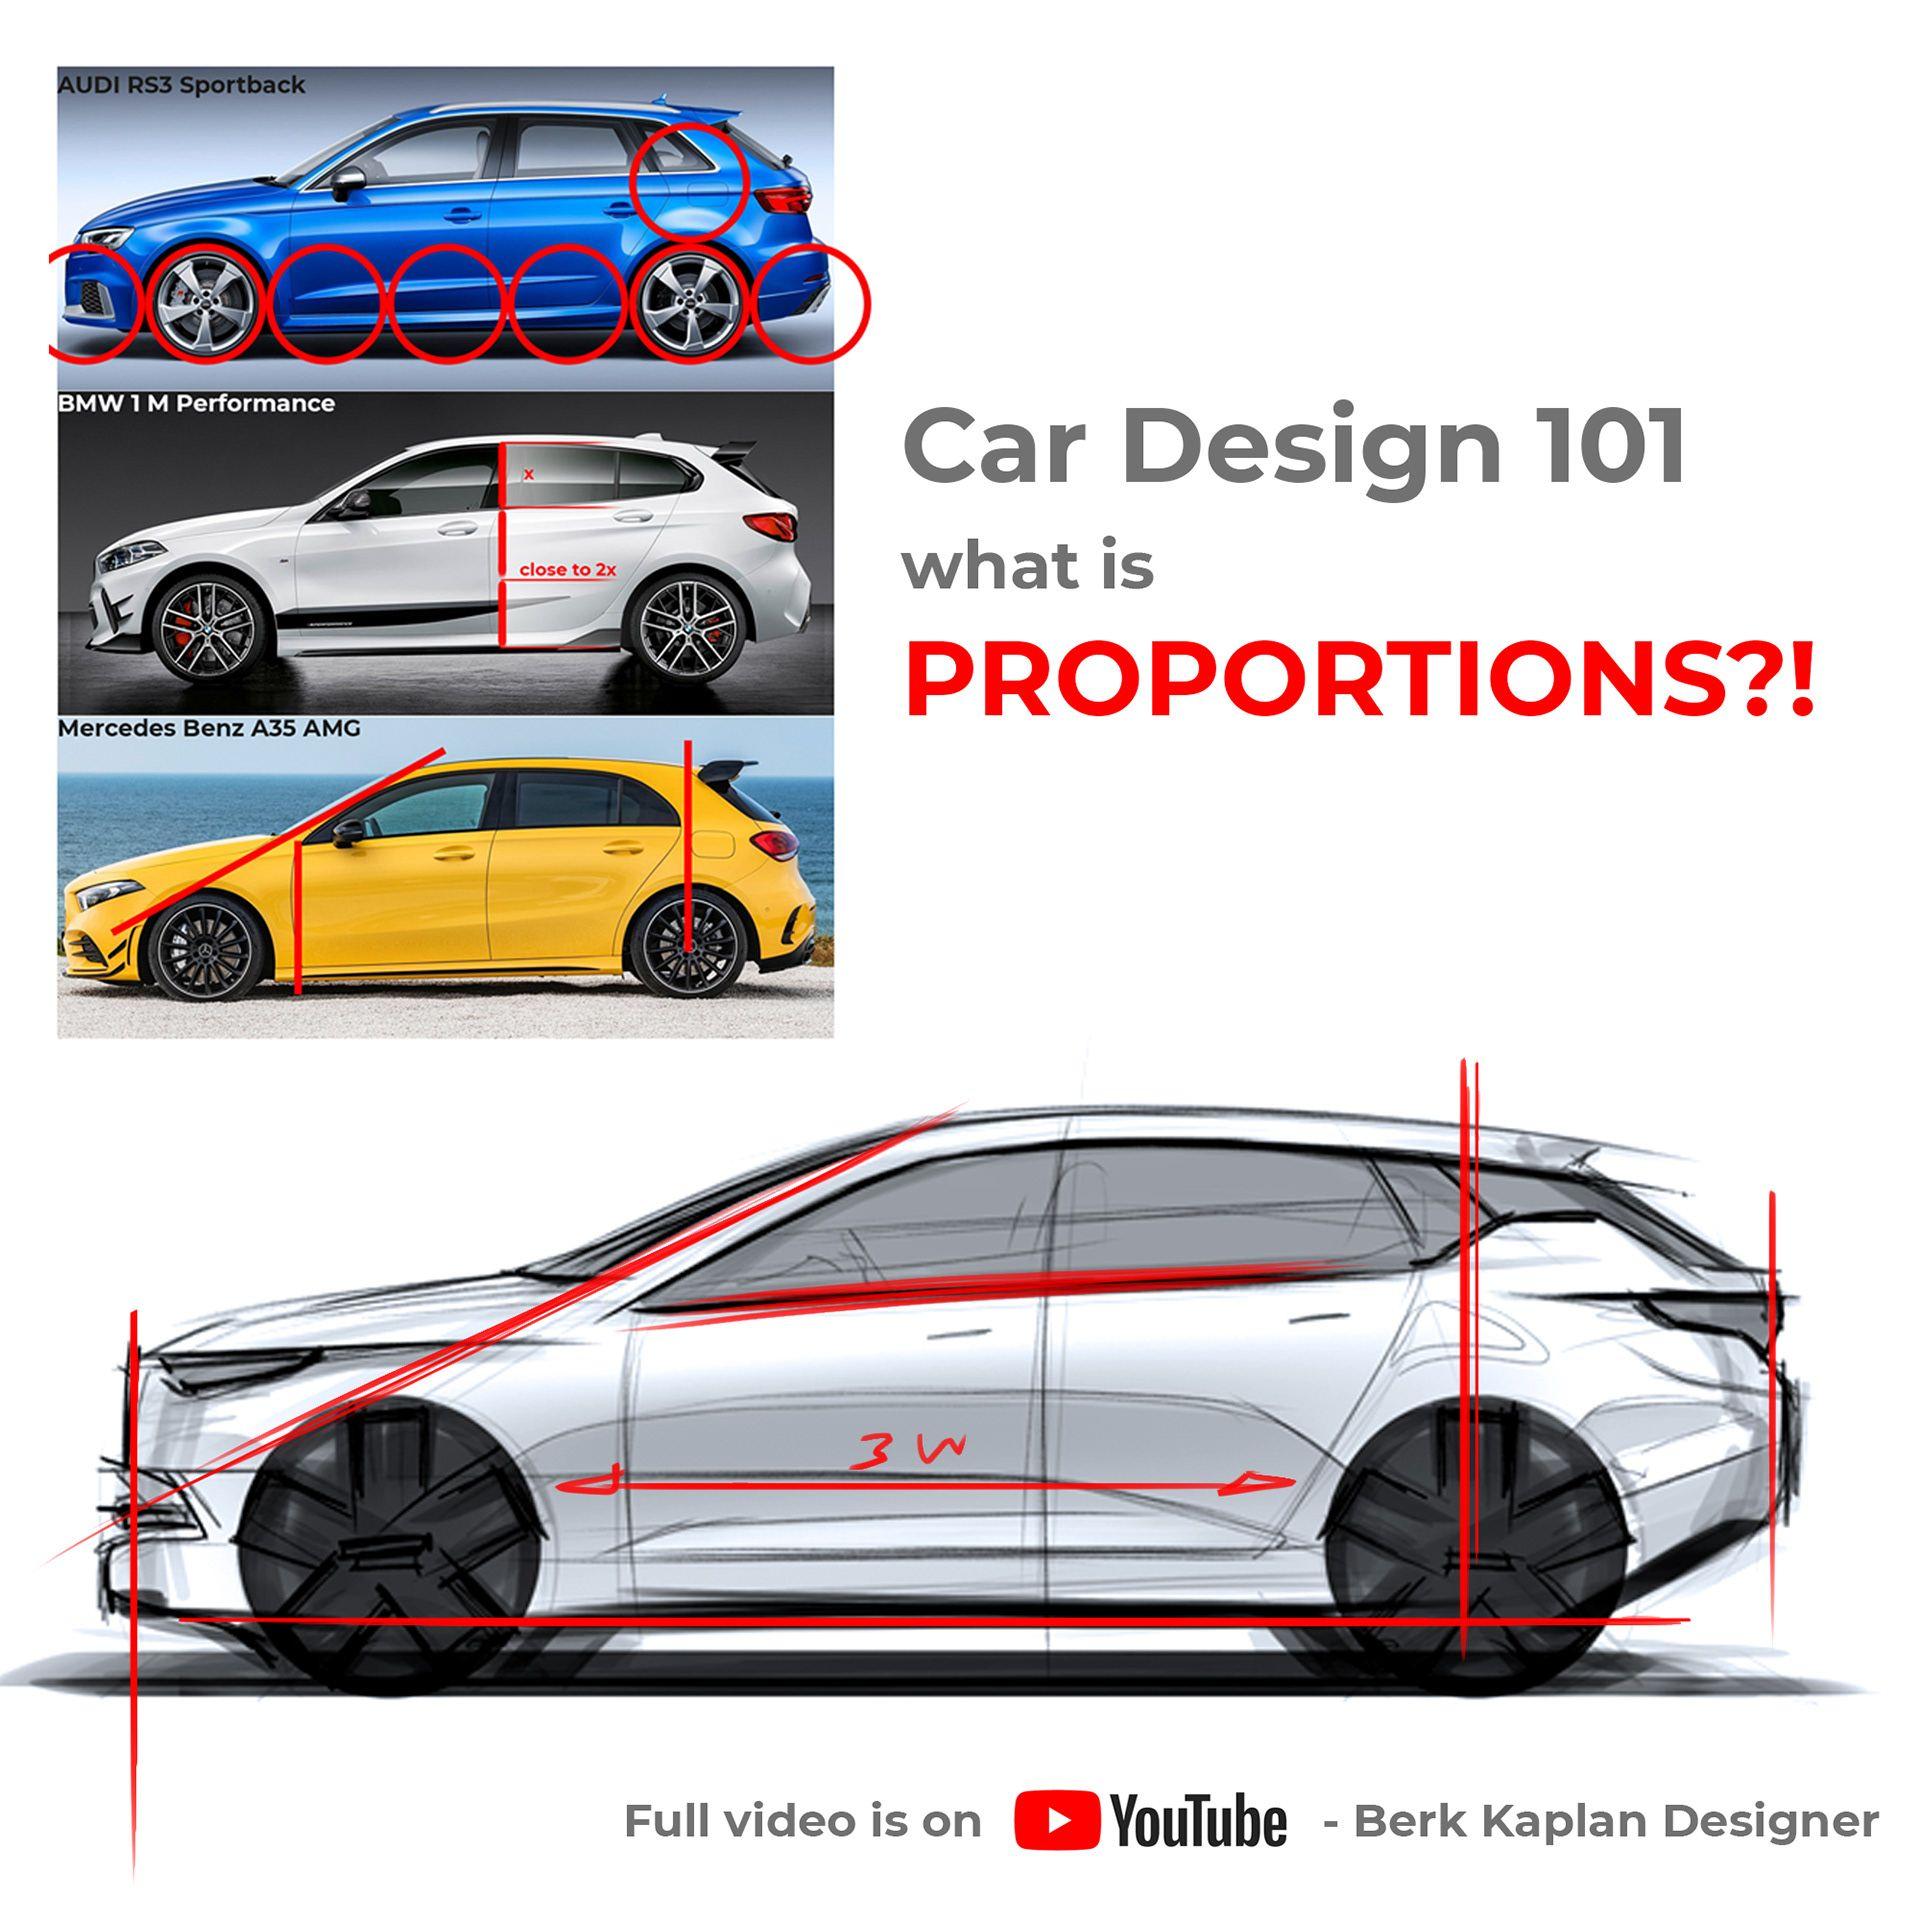 Якби да Вінчі малював автомобілі: художник пояснив у відео, як створити ідеальні пропорції машини